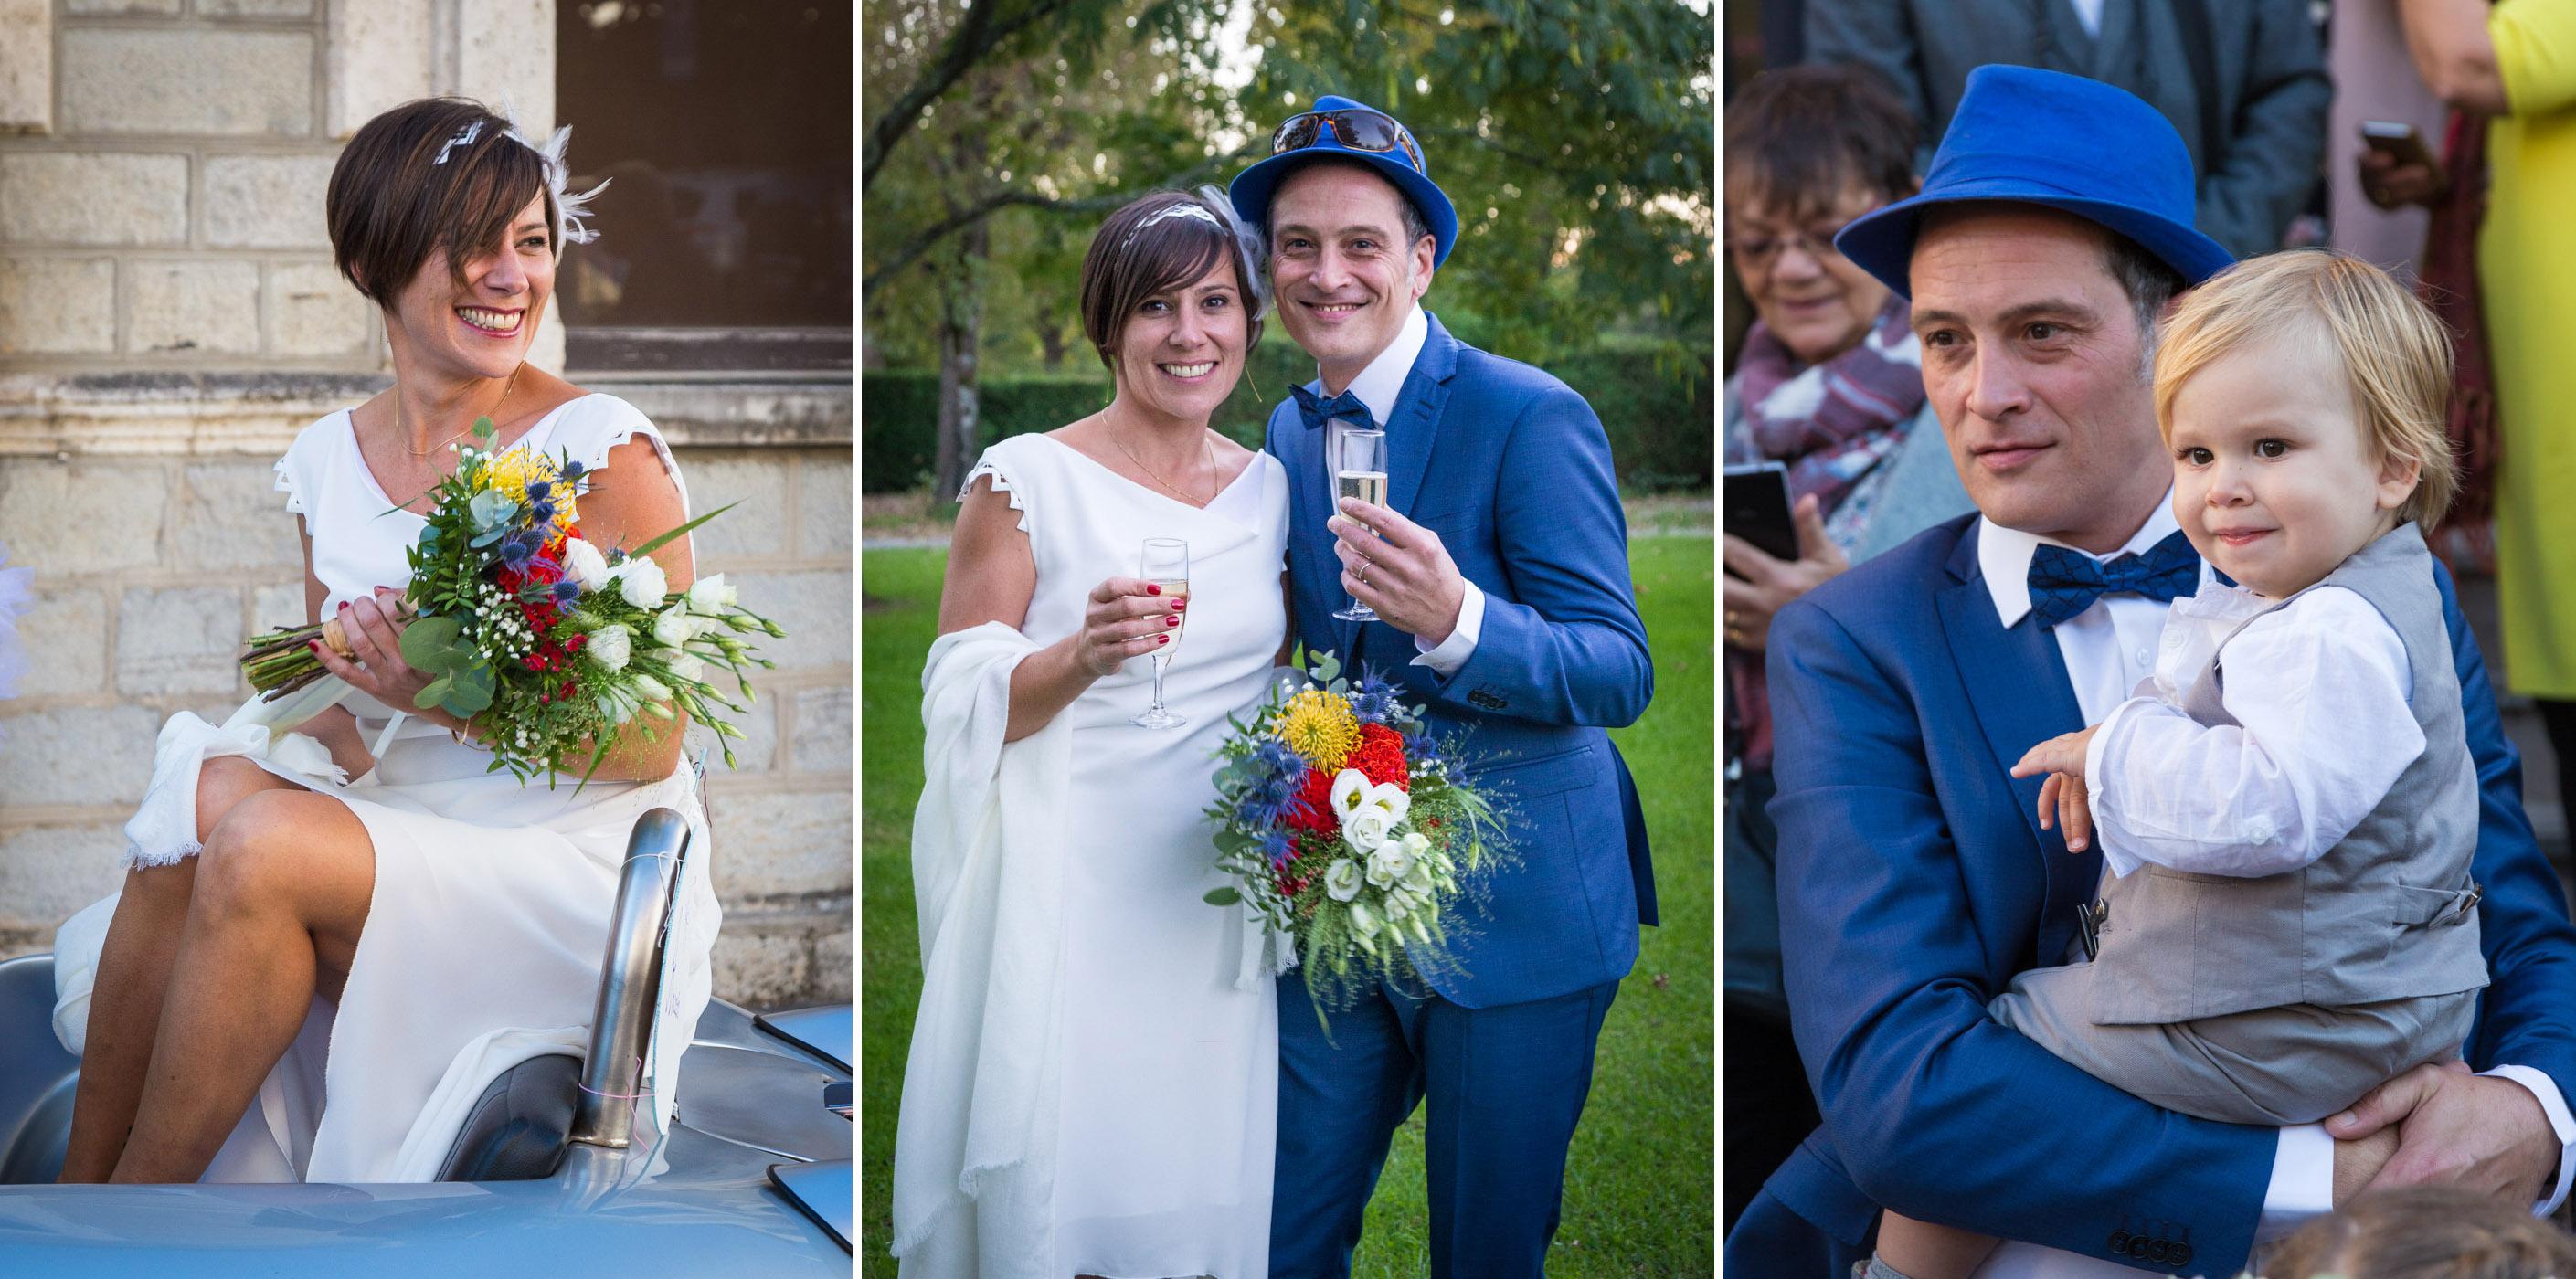 Mariage de Vanessa et d'Anixeto - Octobre 2016